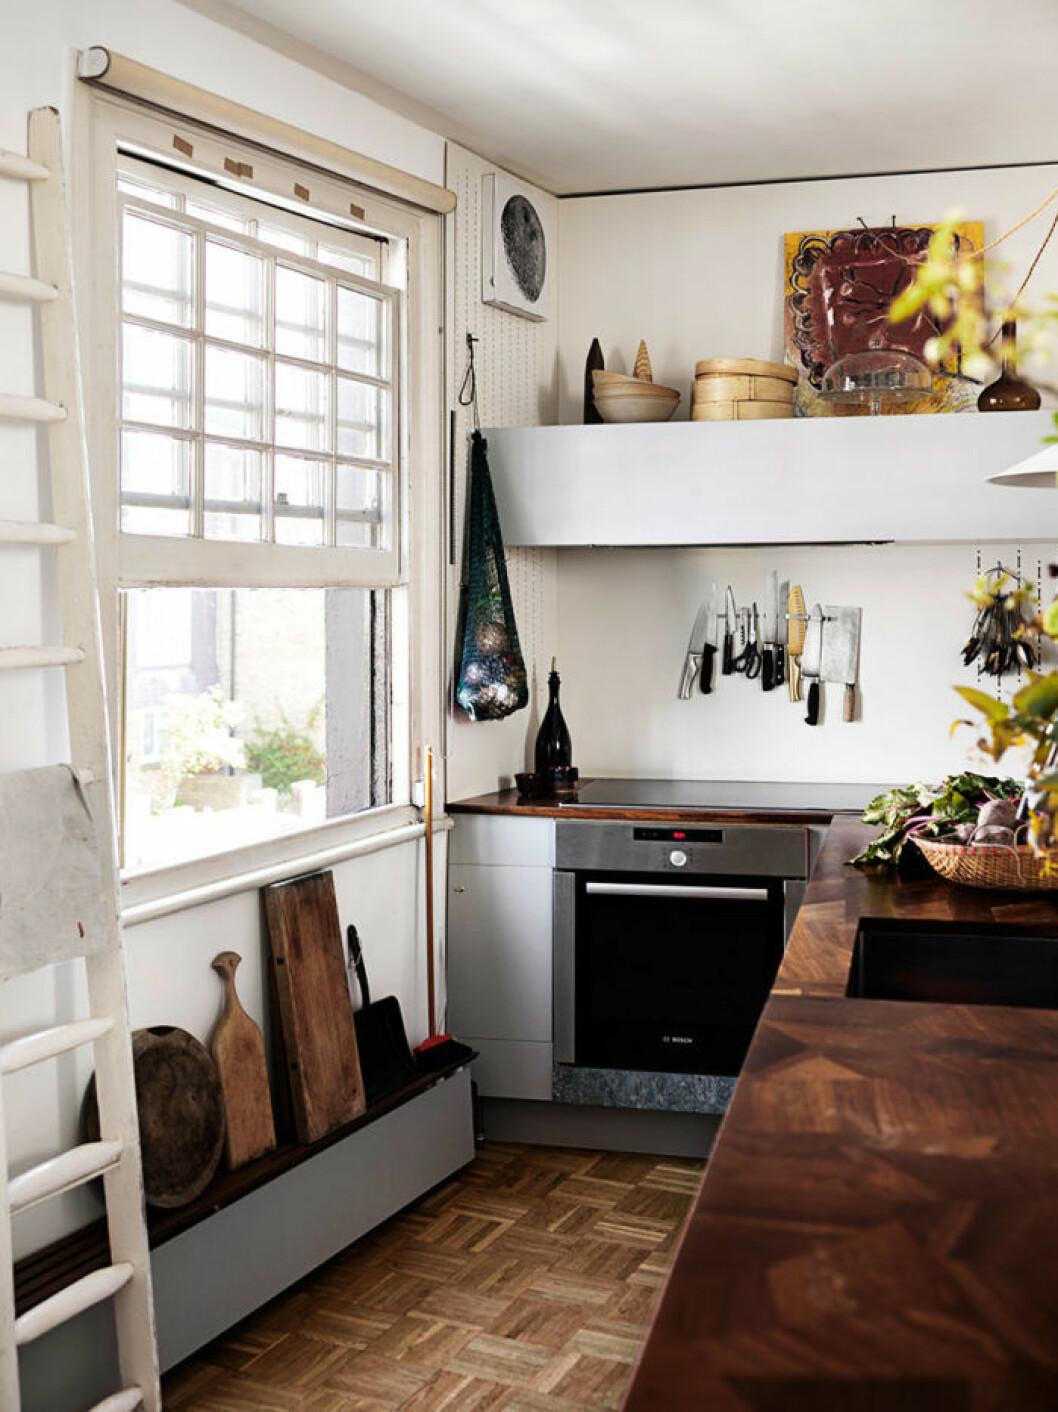 inredning_kok_kitchen_Foto_Petra_Bindel